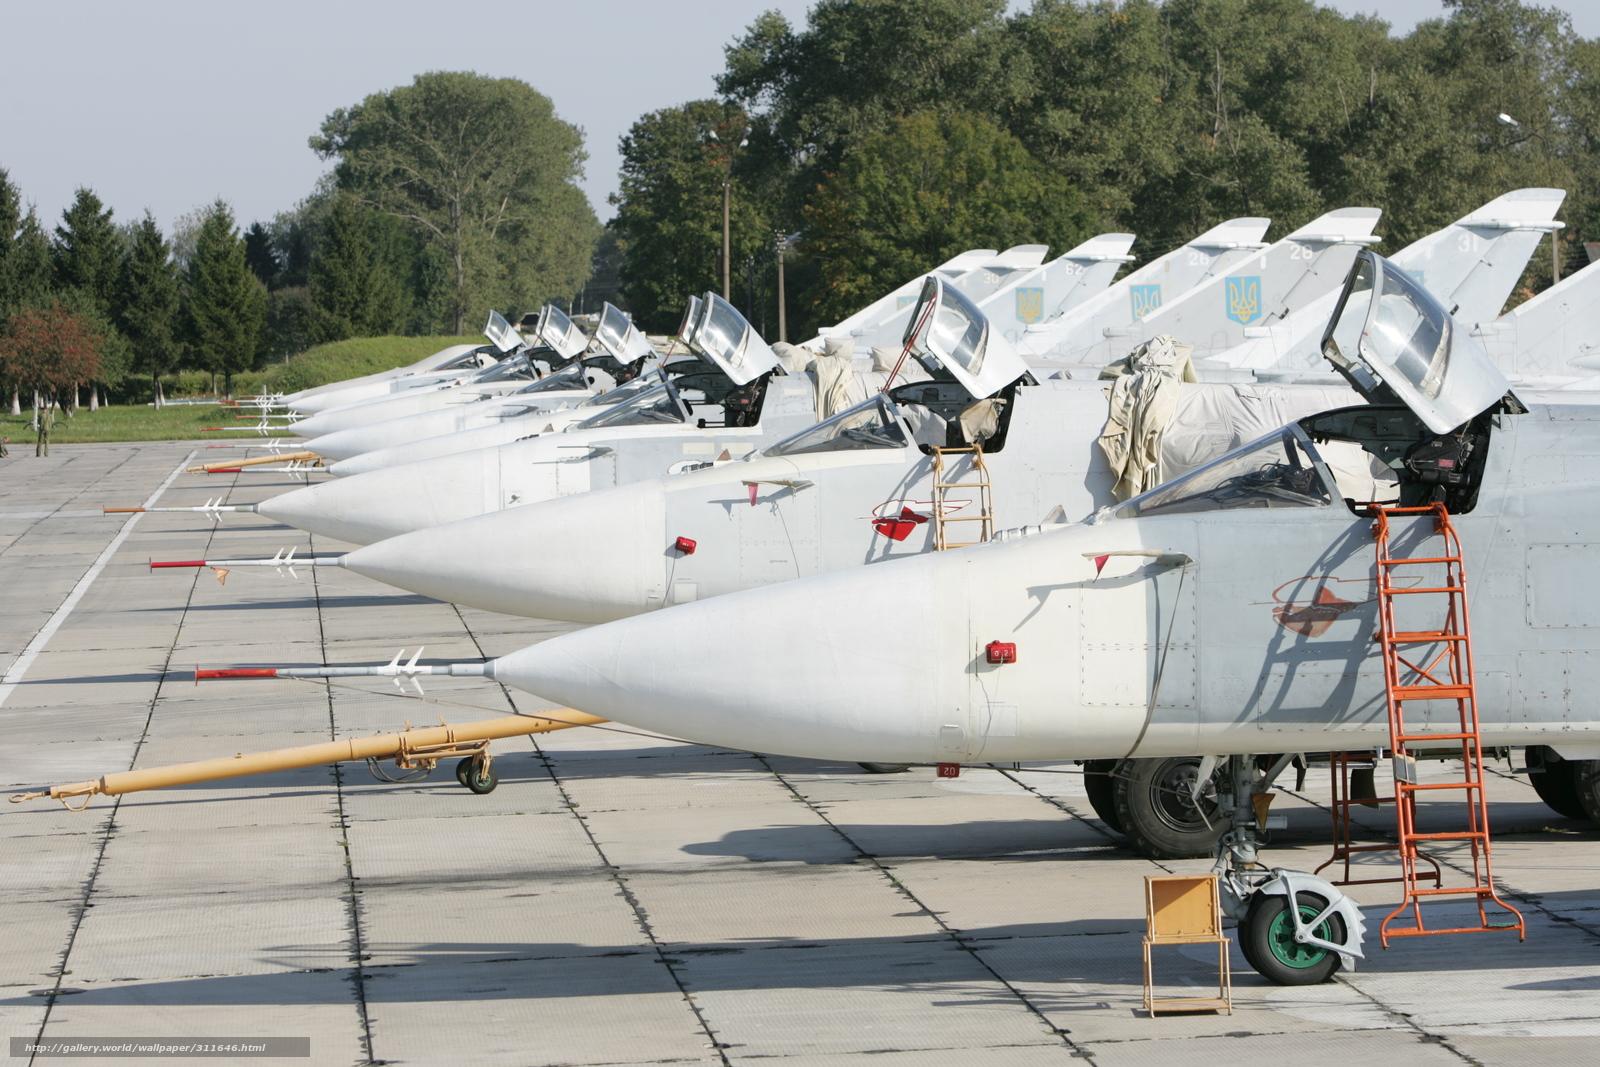 Скачать обои самолеты,  бомбардировщик,  СУ-24М,  подготовка к полетам бесплатно для рабочего стола в разрешении 3504x2336 — картинка №311646